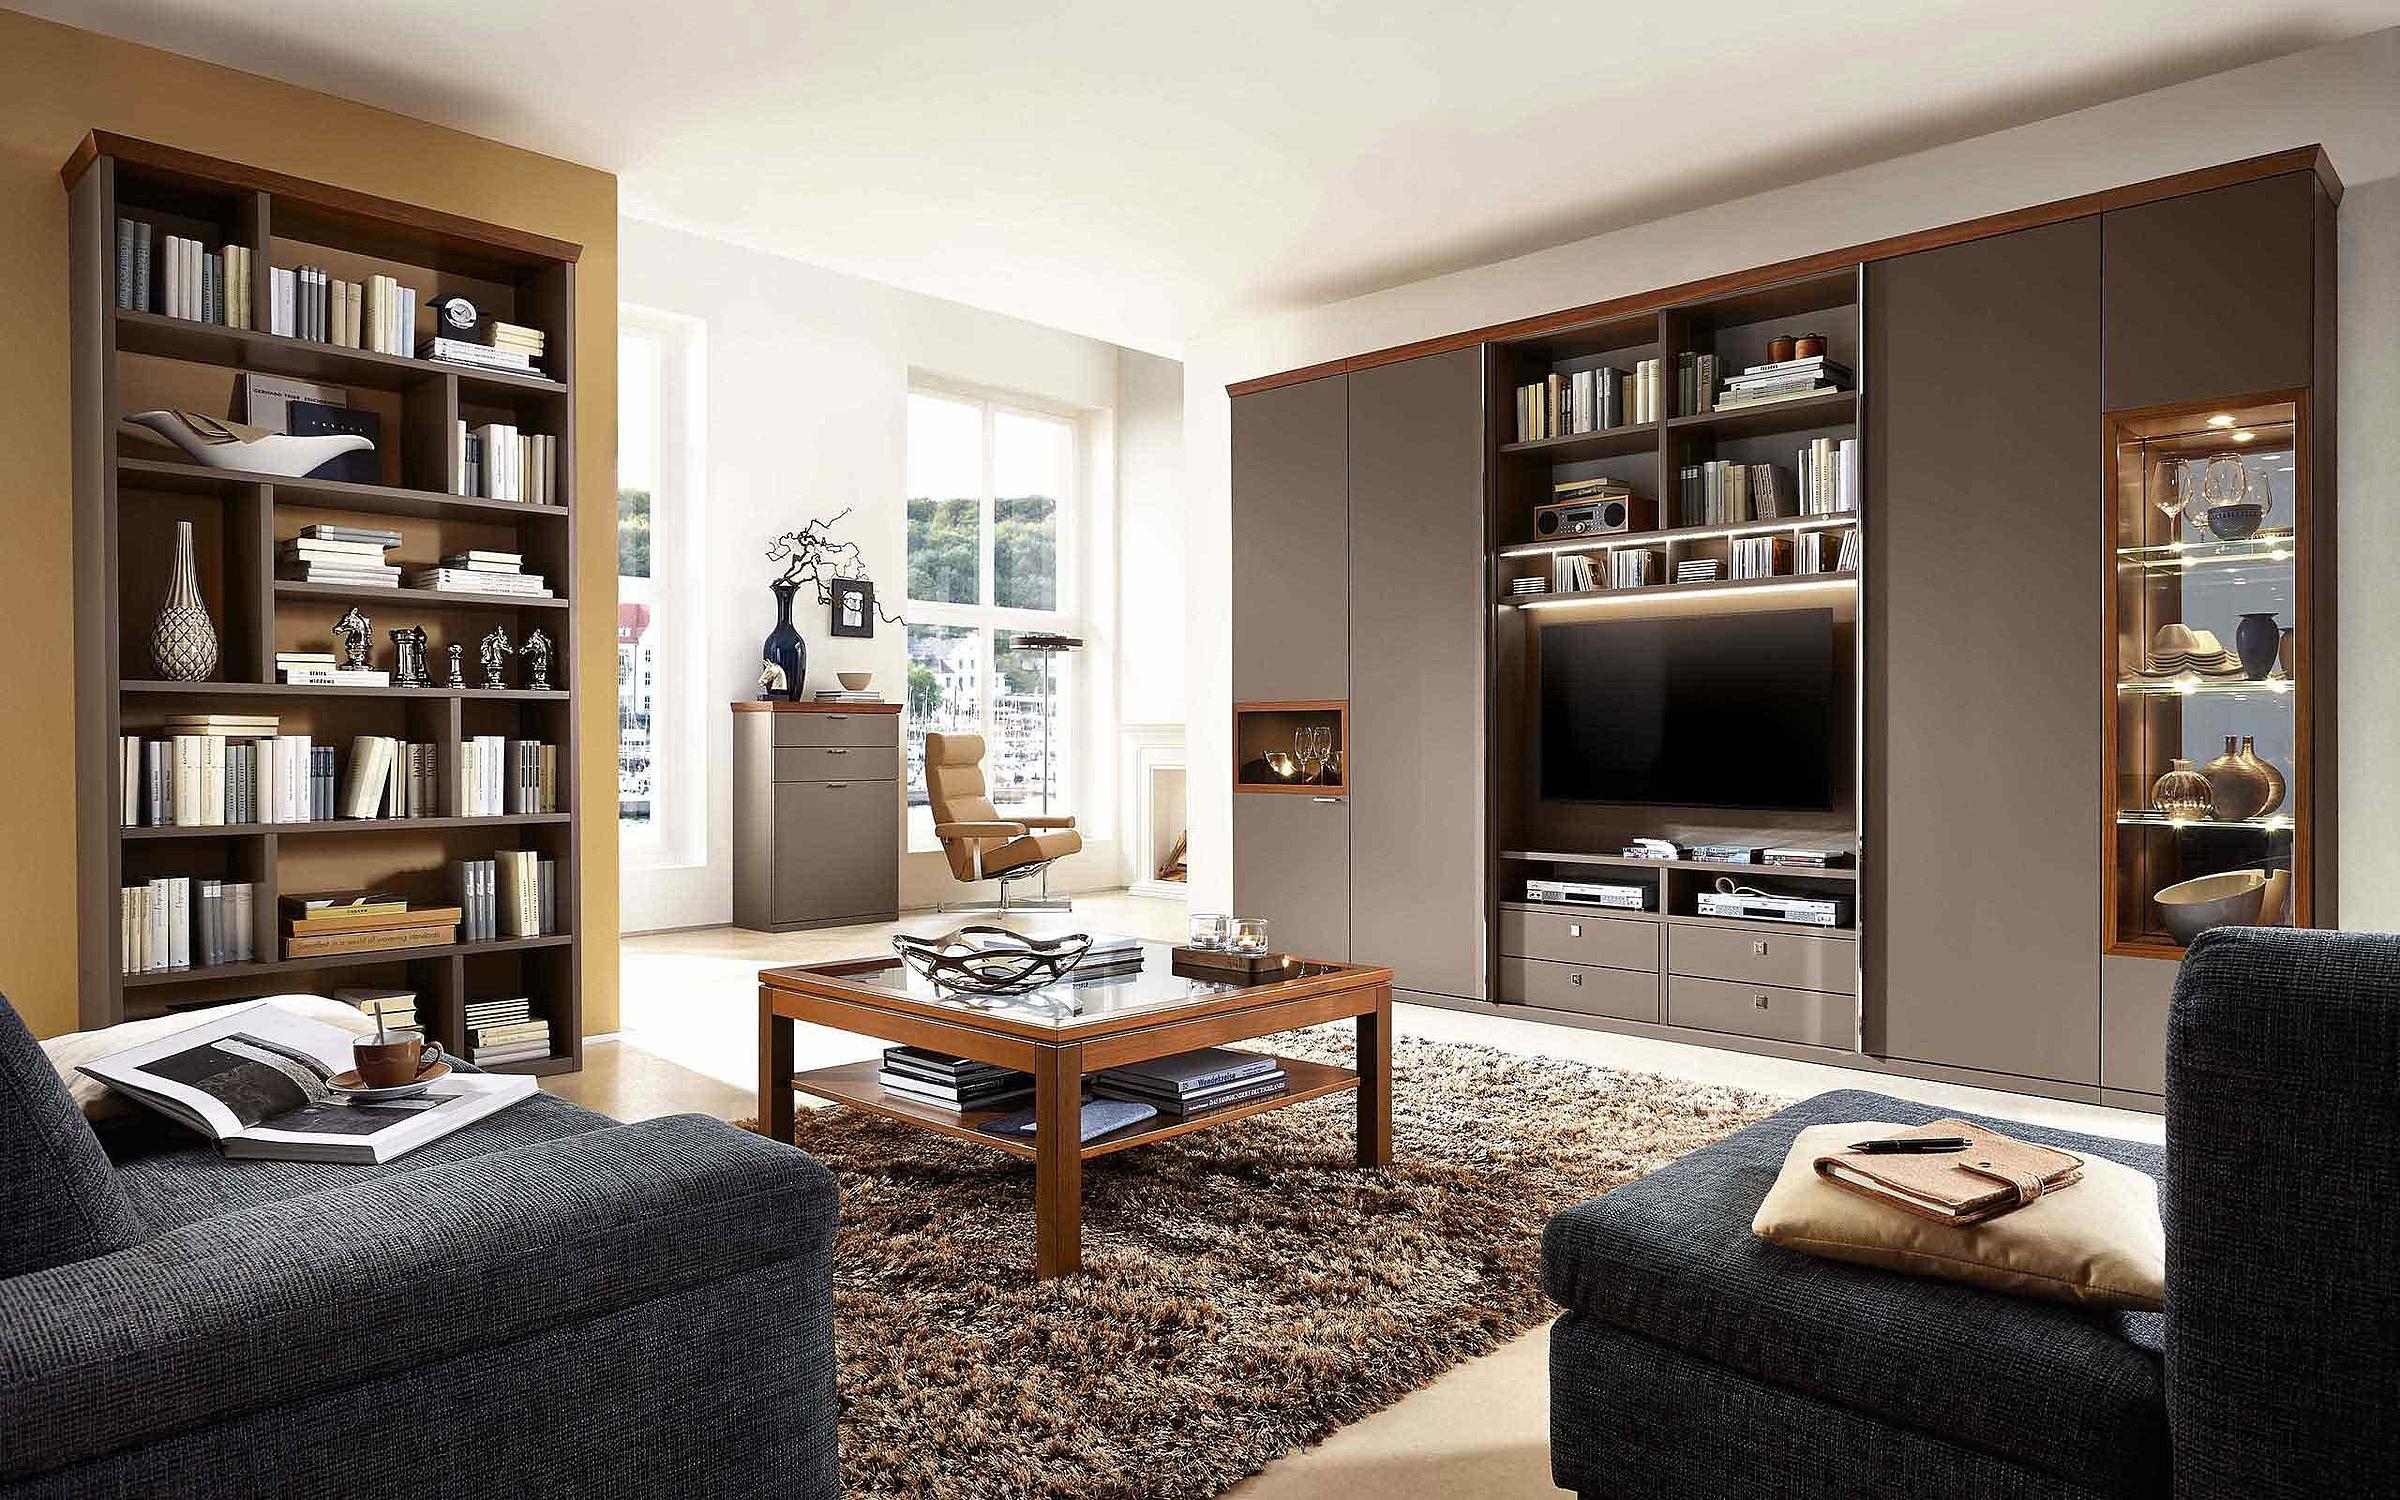 Wohnwand Wohnzimmer Couchtisch Siena Lack terra